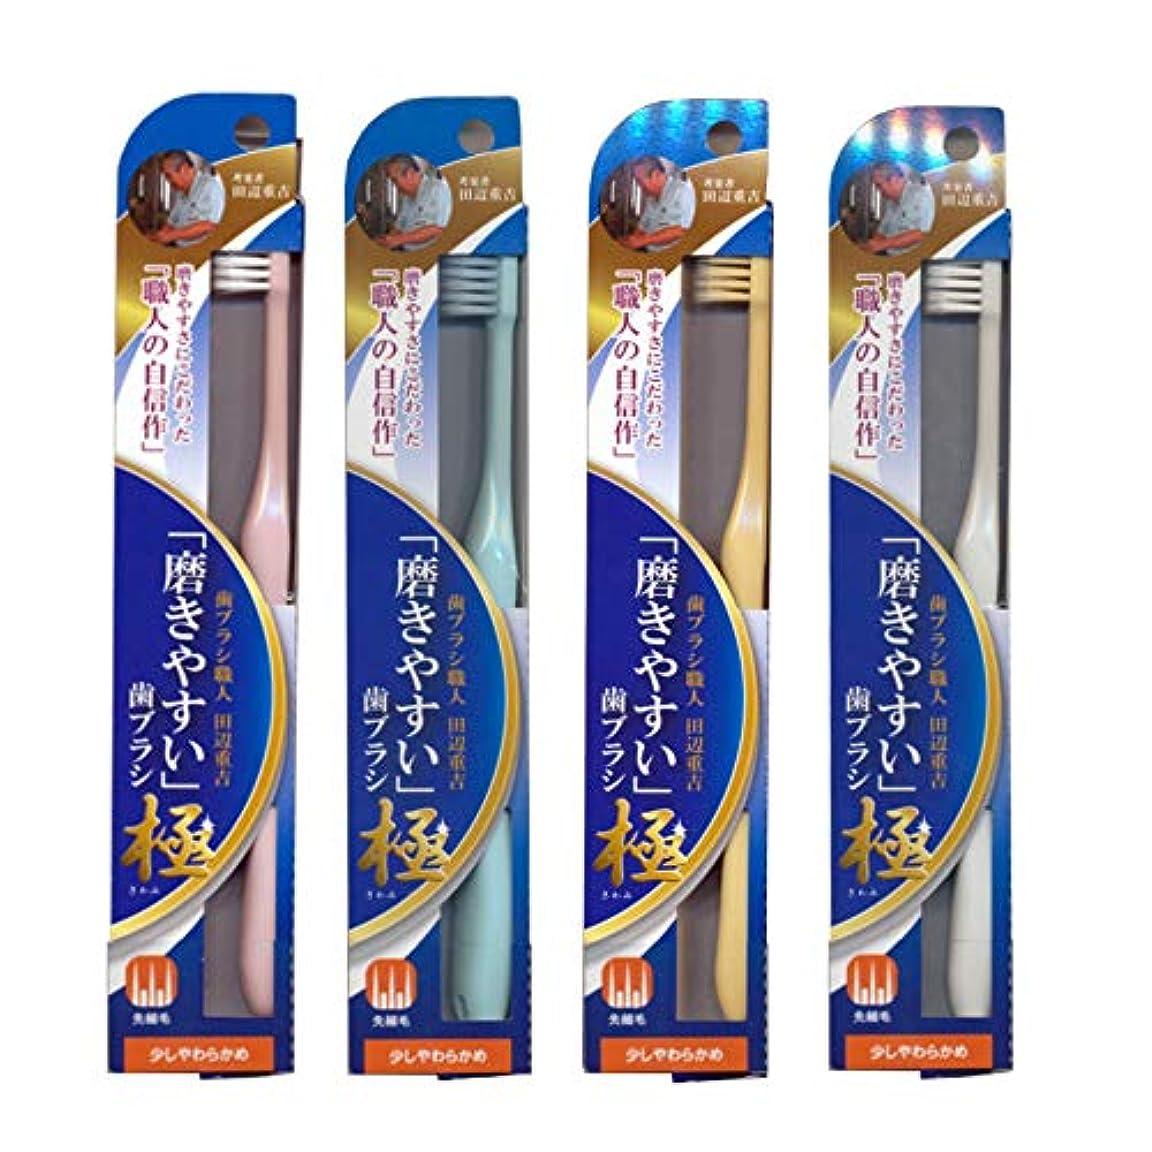 アライメント出費やがて磨きやすい歯ブラシ極 (少し柔らかめ) LT-43×4本セット(ピンク×1、ブルー×1、ホワイト×1、イエロー×1) 先細毛